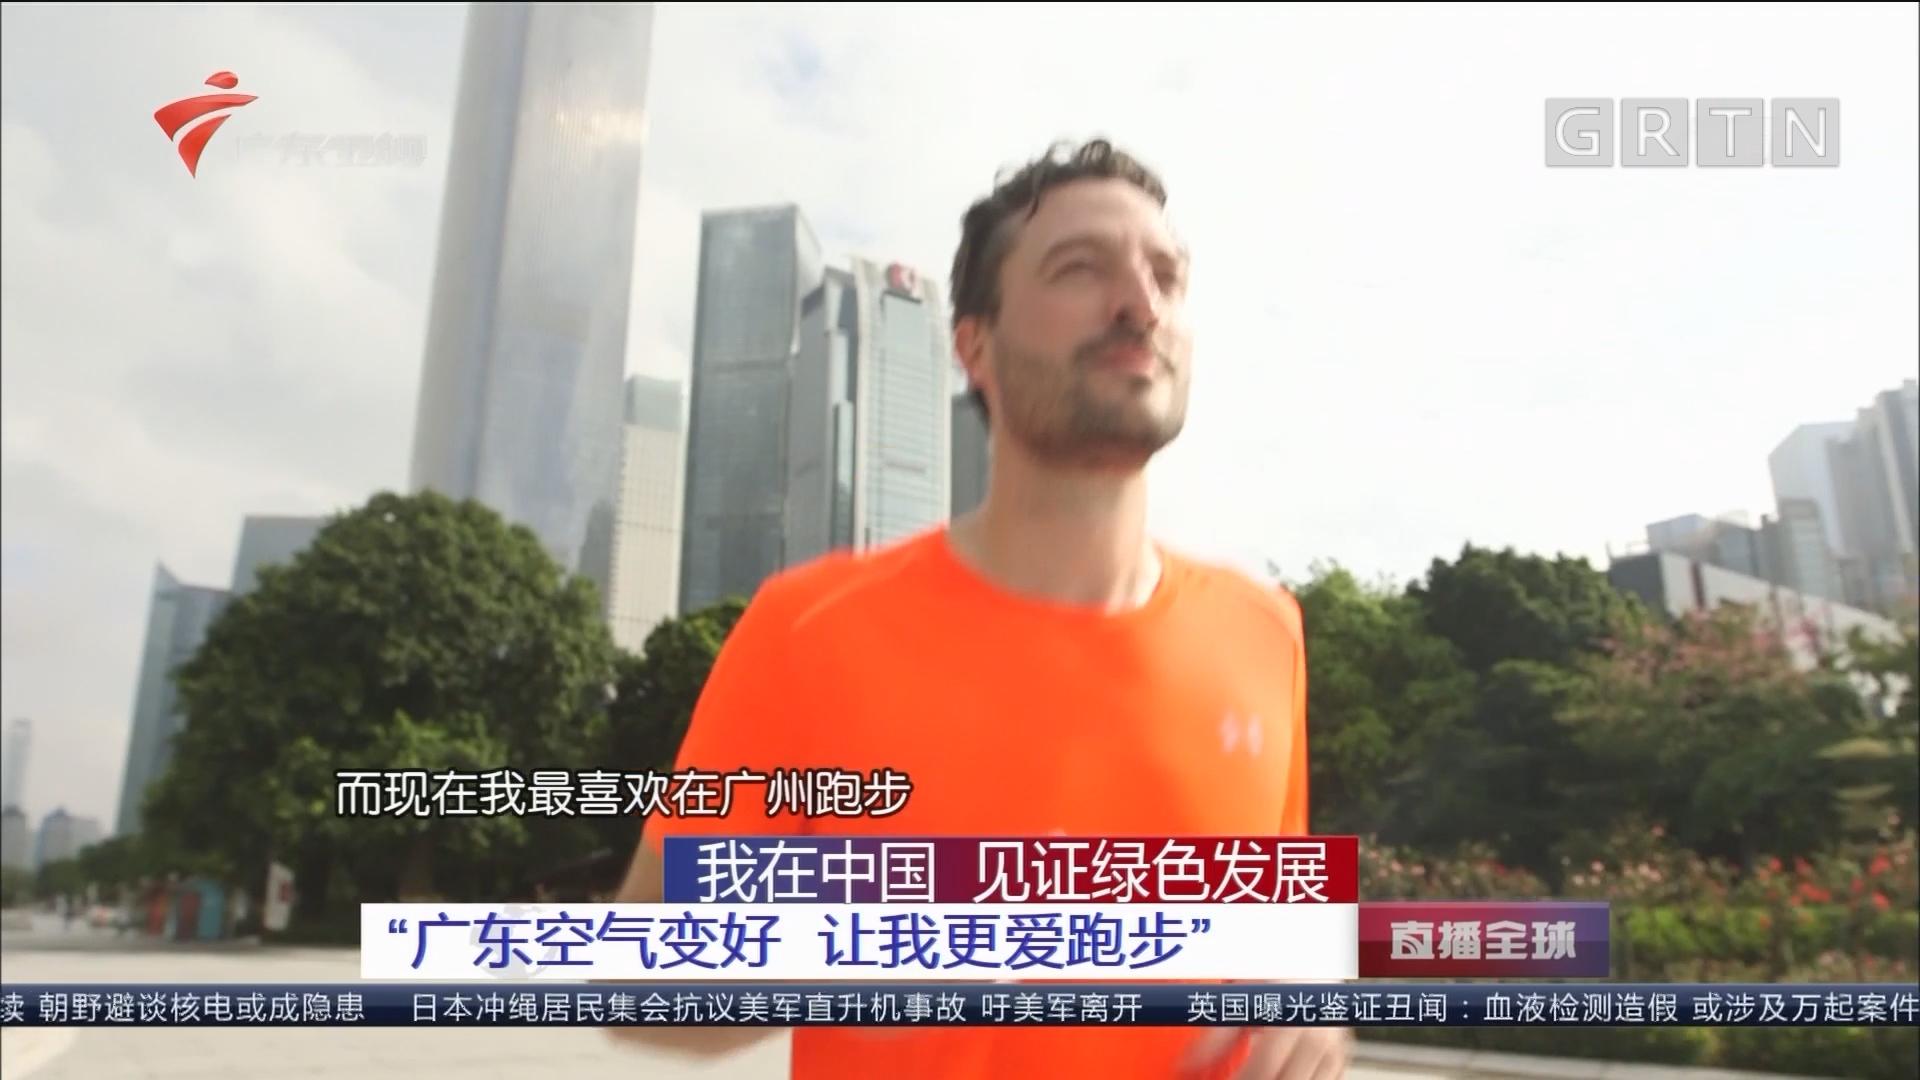 """我在中国 见证绿色发展 """"广东空气变好 让我更爱跑步"""""""